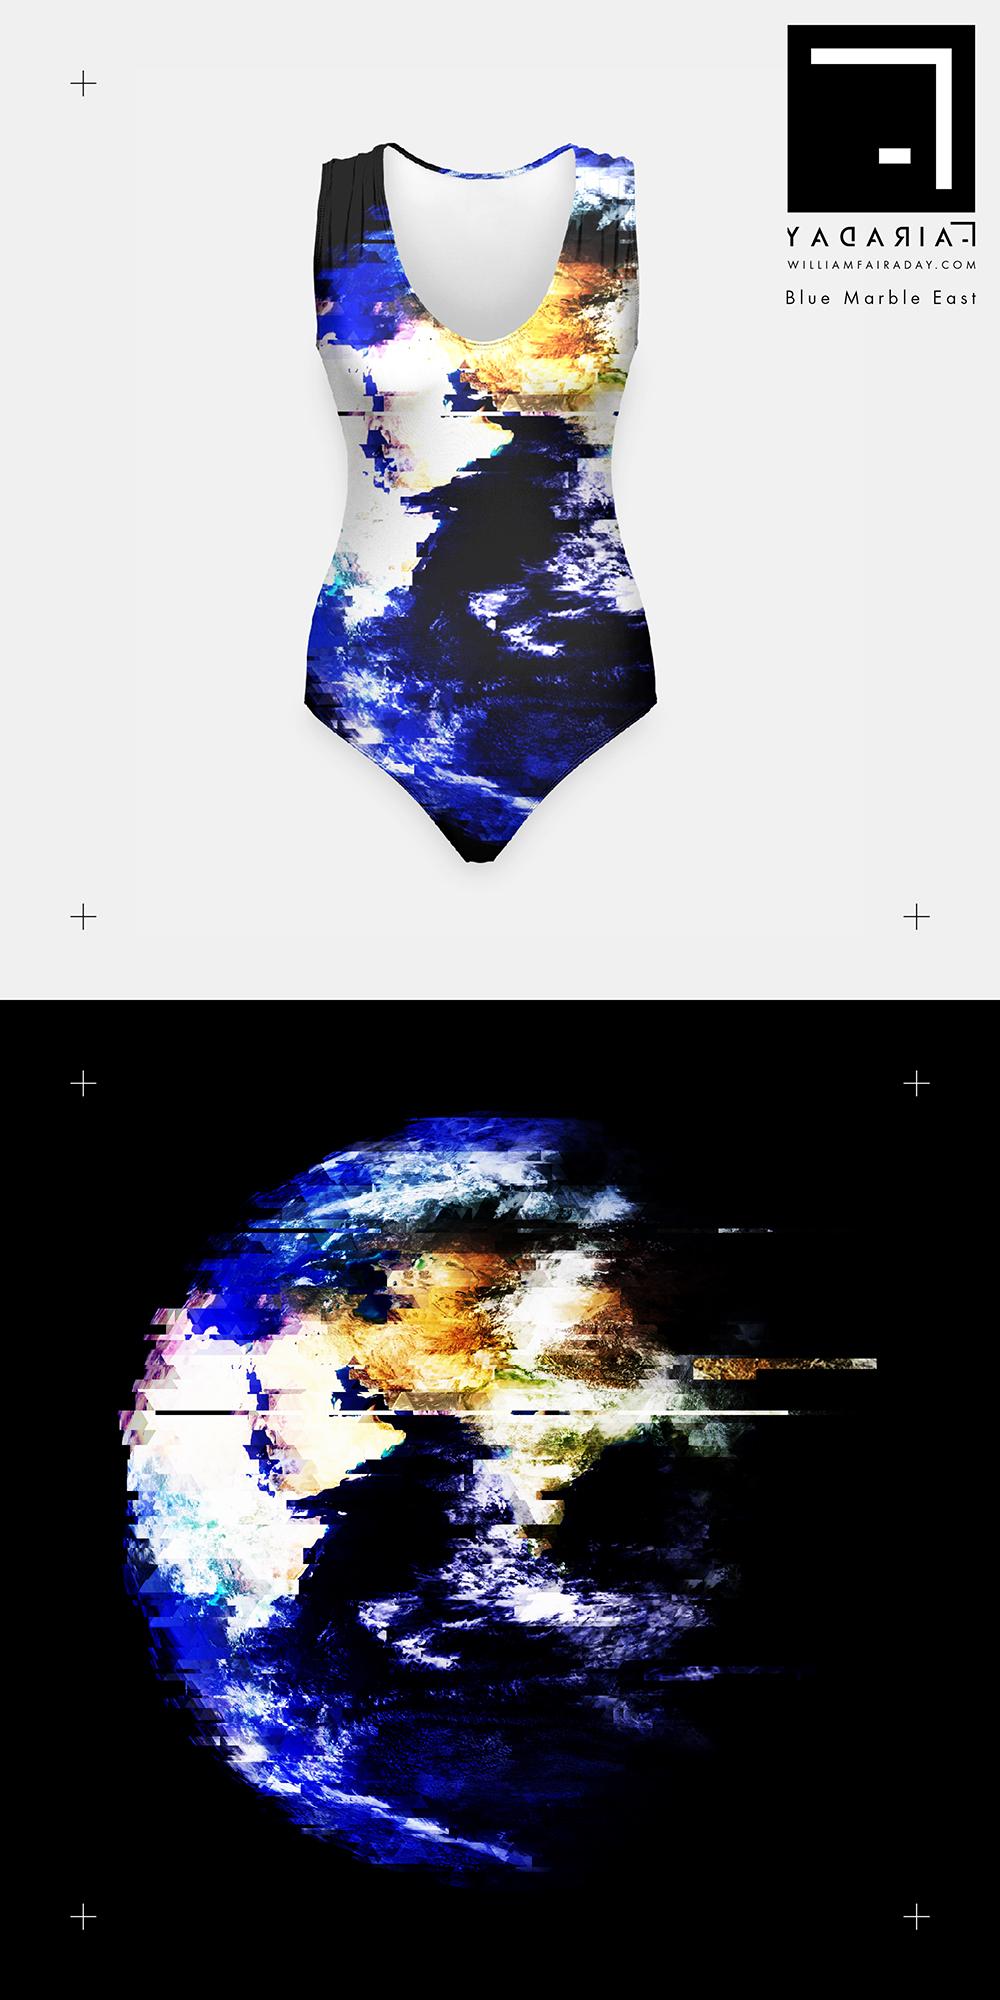 Blue Marble East 02.jpg